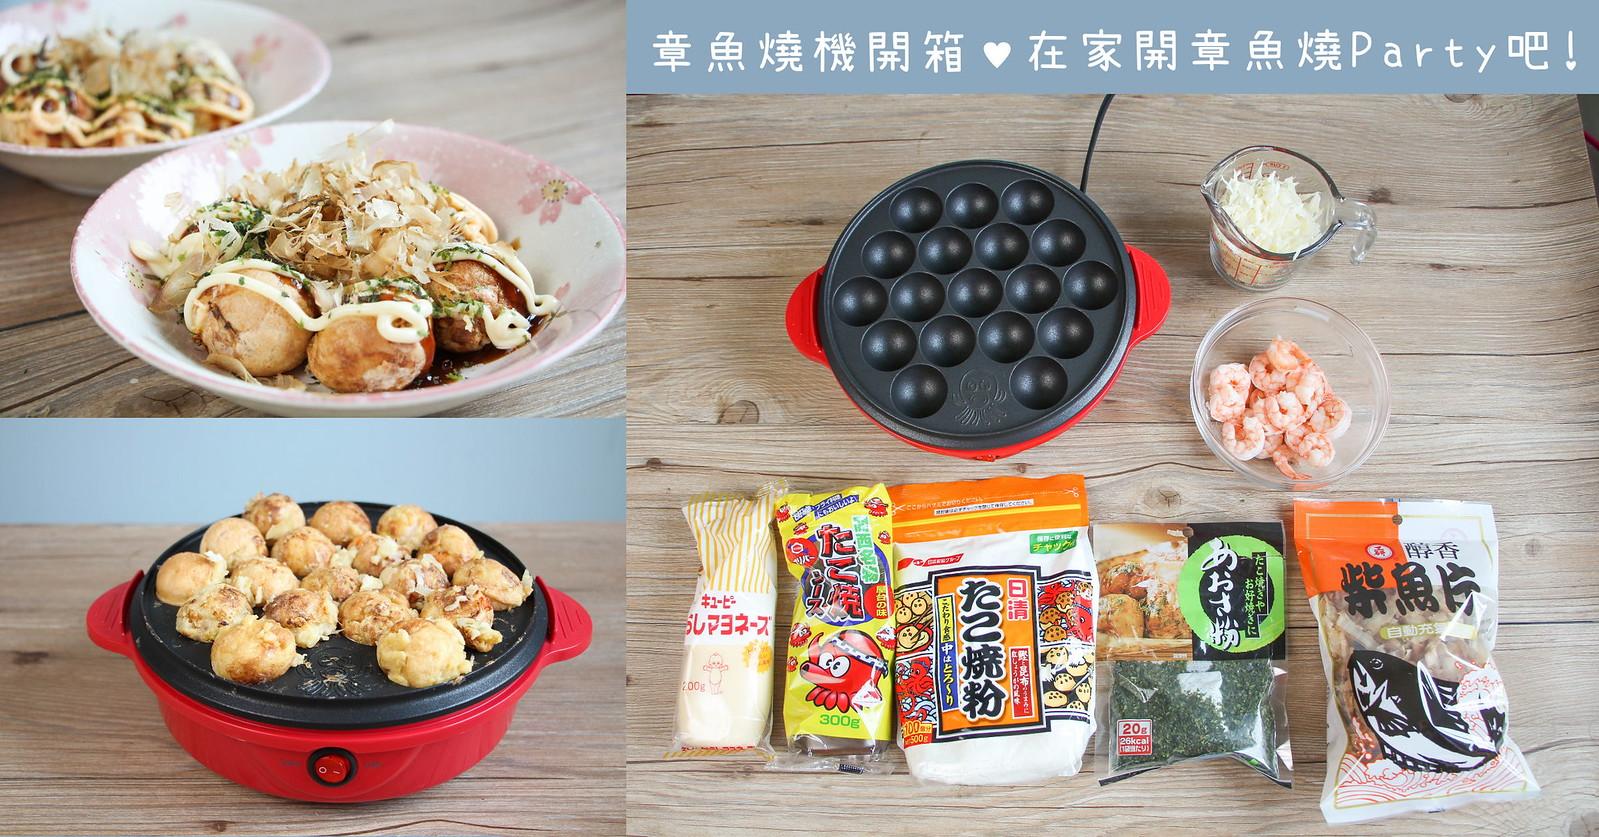 【日本購物】NEOVE章魚燒機開箱-在家自己做章魚燒,章魚燒DIY流程分享 @J&A的旅行